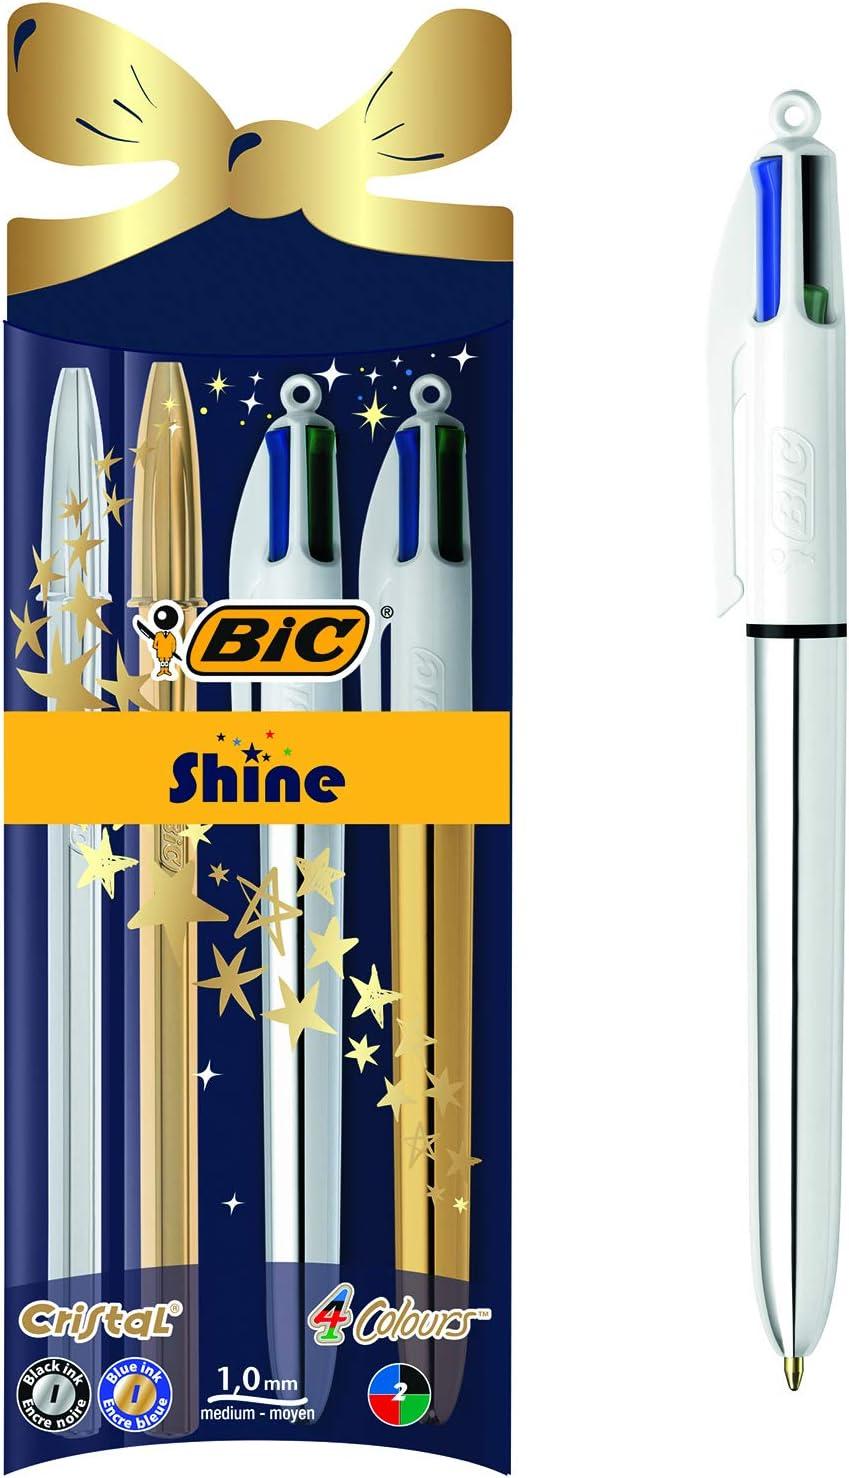 BIC Cristal Shine y BIC 4 colores Shine bolígrafos Navidad bolígrafos de punta media (1,0 mm) - colores Surtidos, Paquete de 4